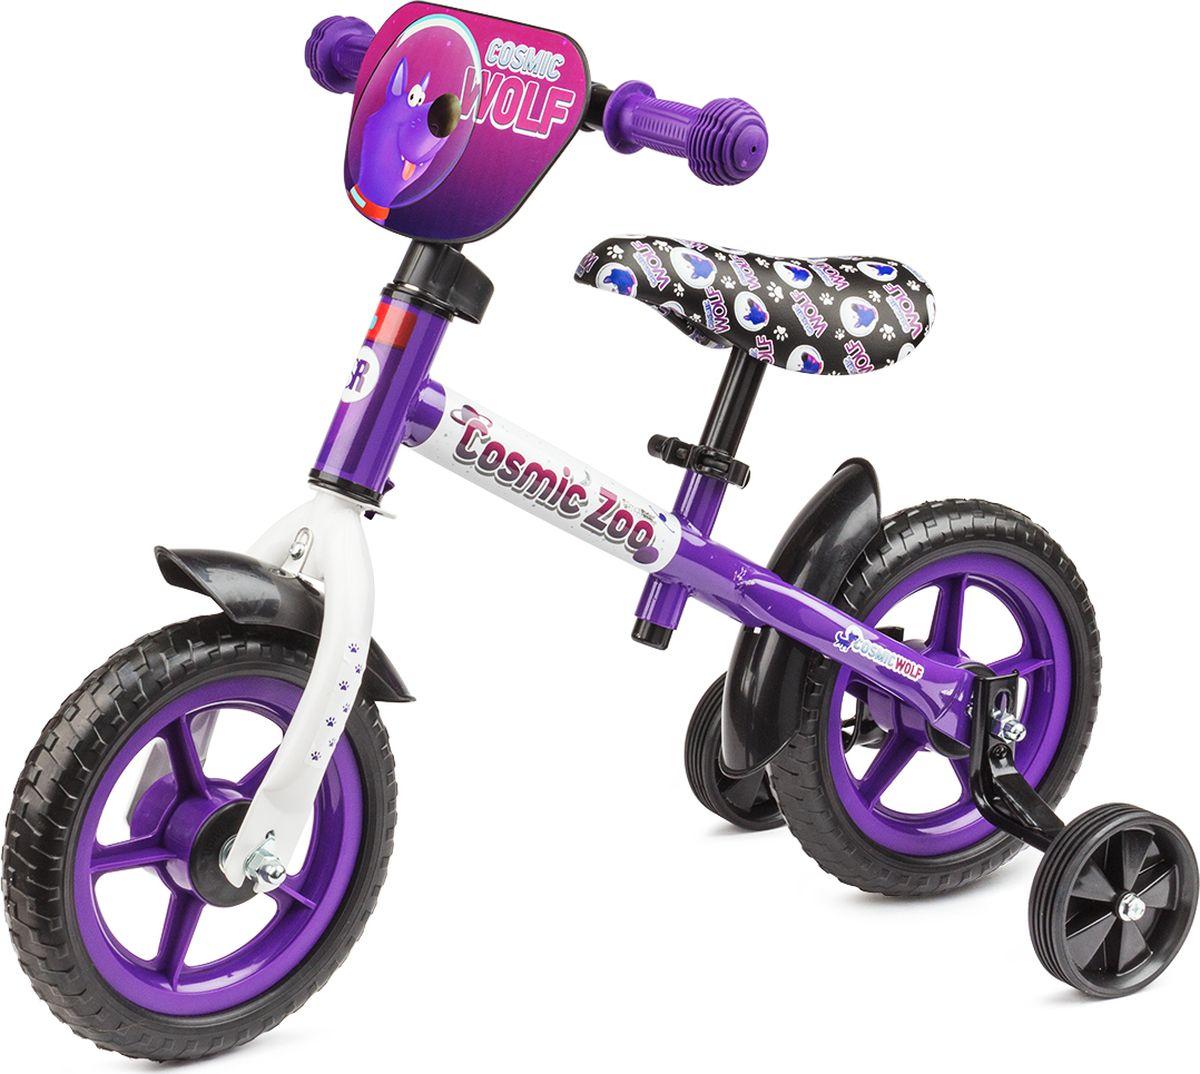 Cosmic Zoo Беговел детский Ballance цвет фиолетовый - Беговелы